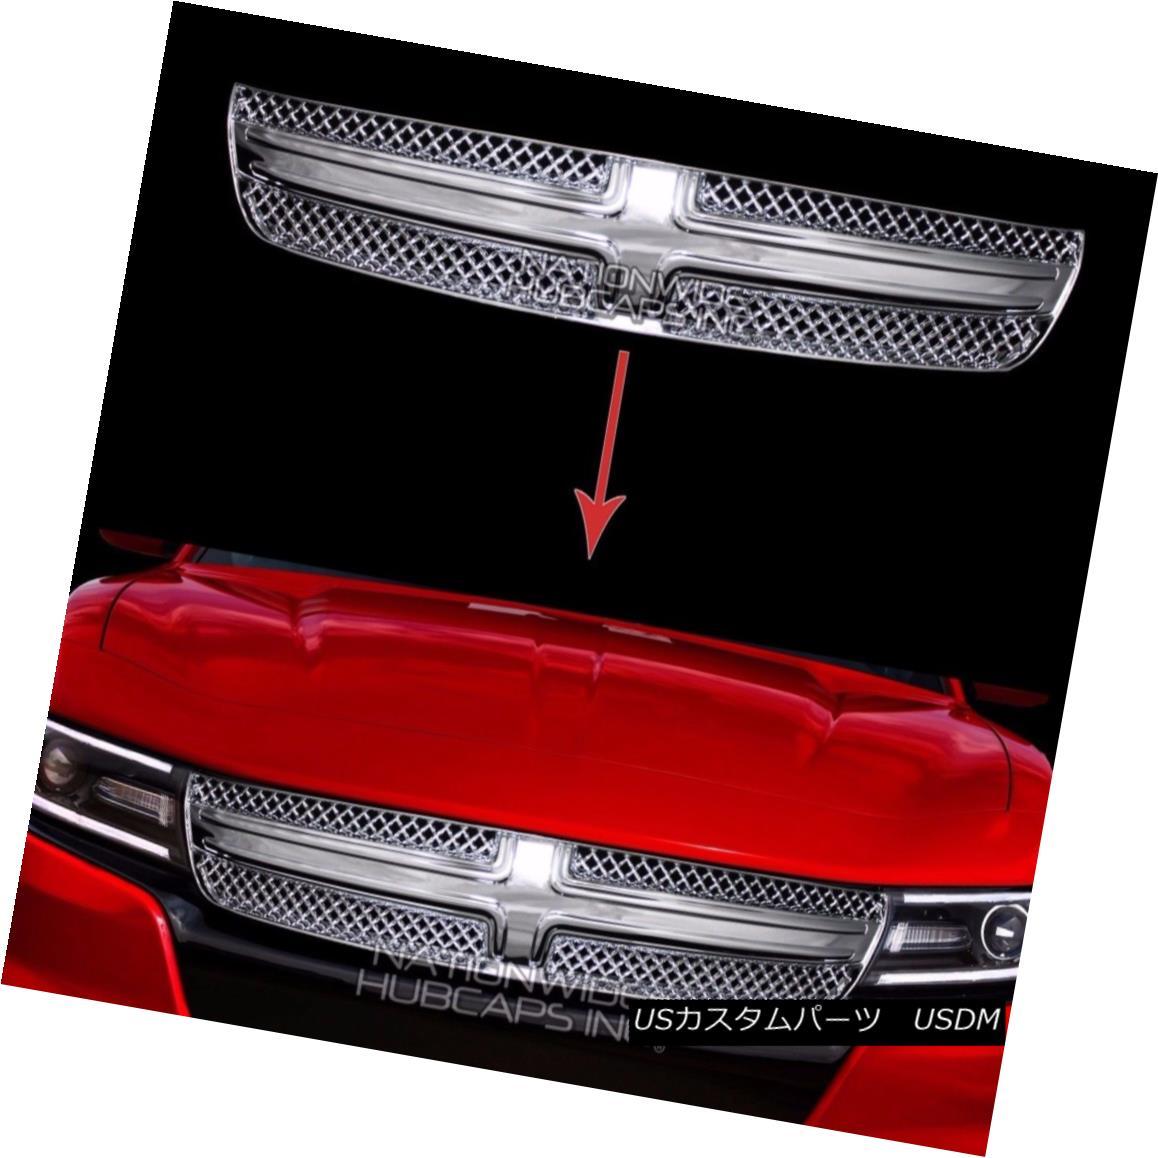 グリル 2015 16 2017 Dodge Charger Chrome Grille Overlay Front Full Grill Inserts Covers 2015 16 2017ダッジチャージャークロムグリルオーバーレイフロントフルグリルインサートカバー